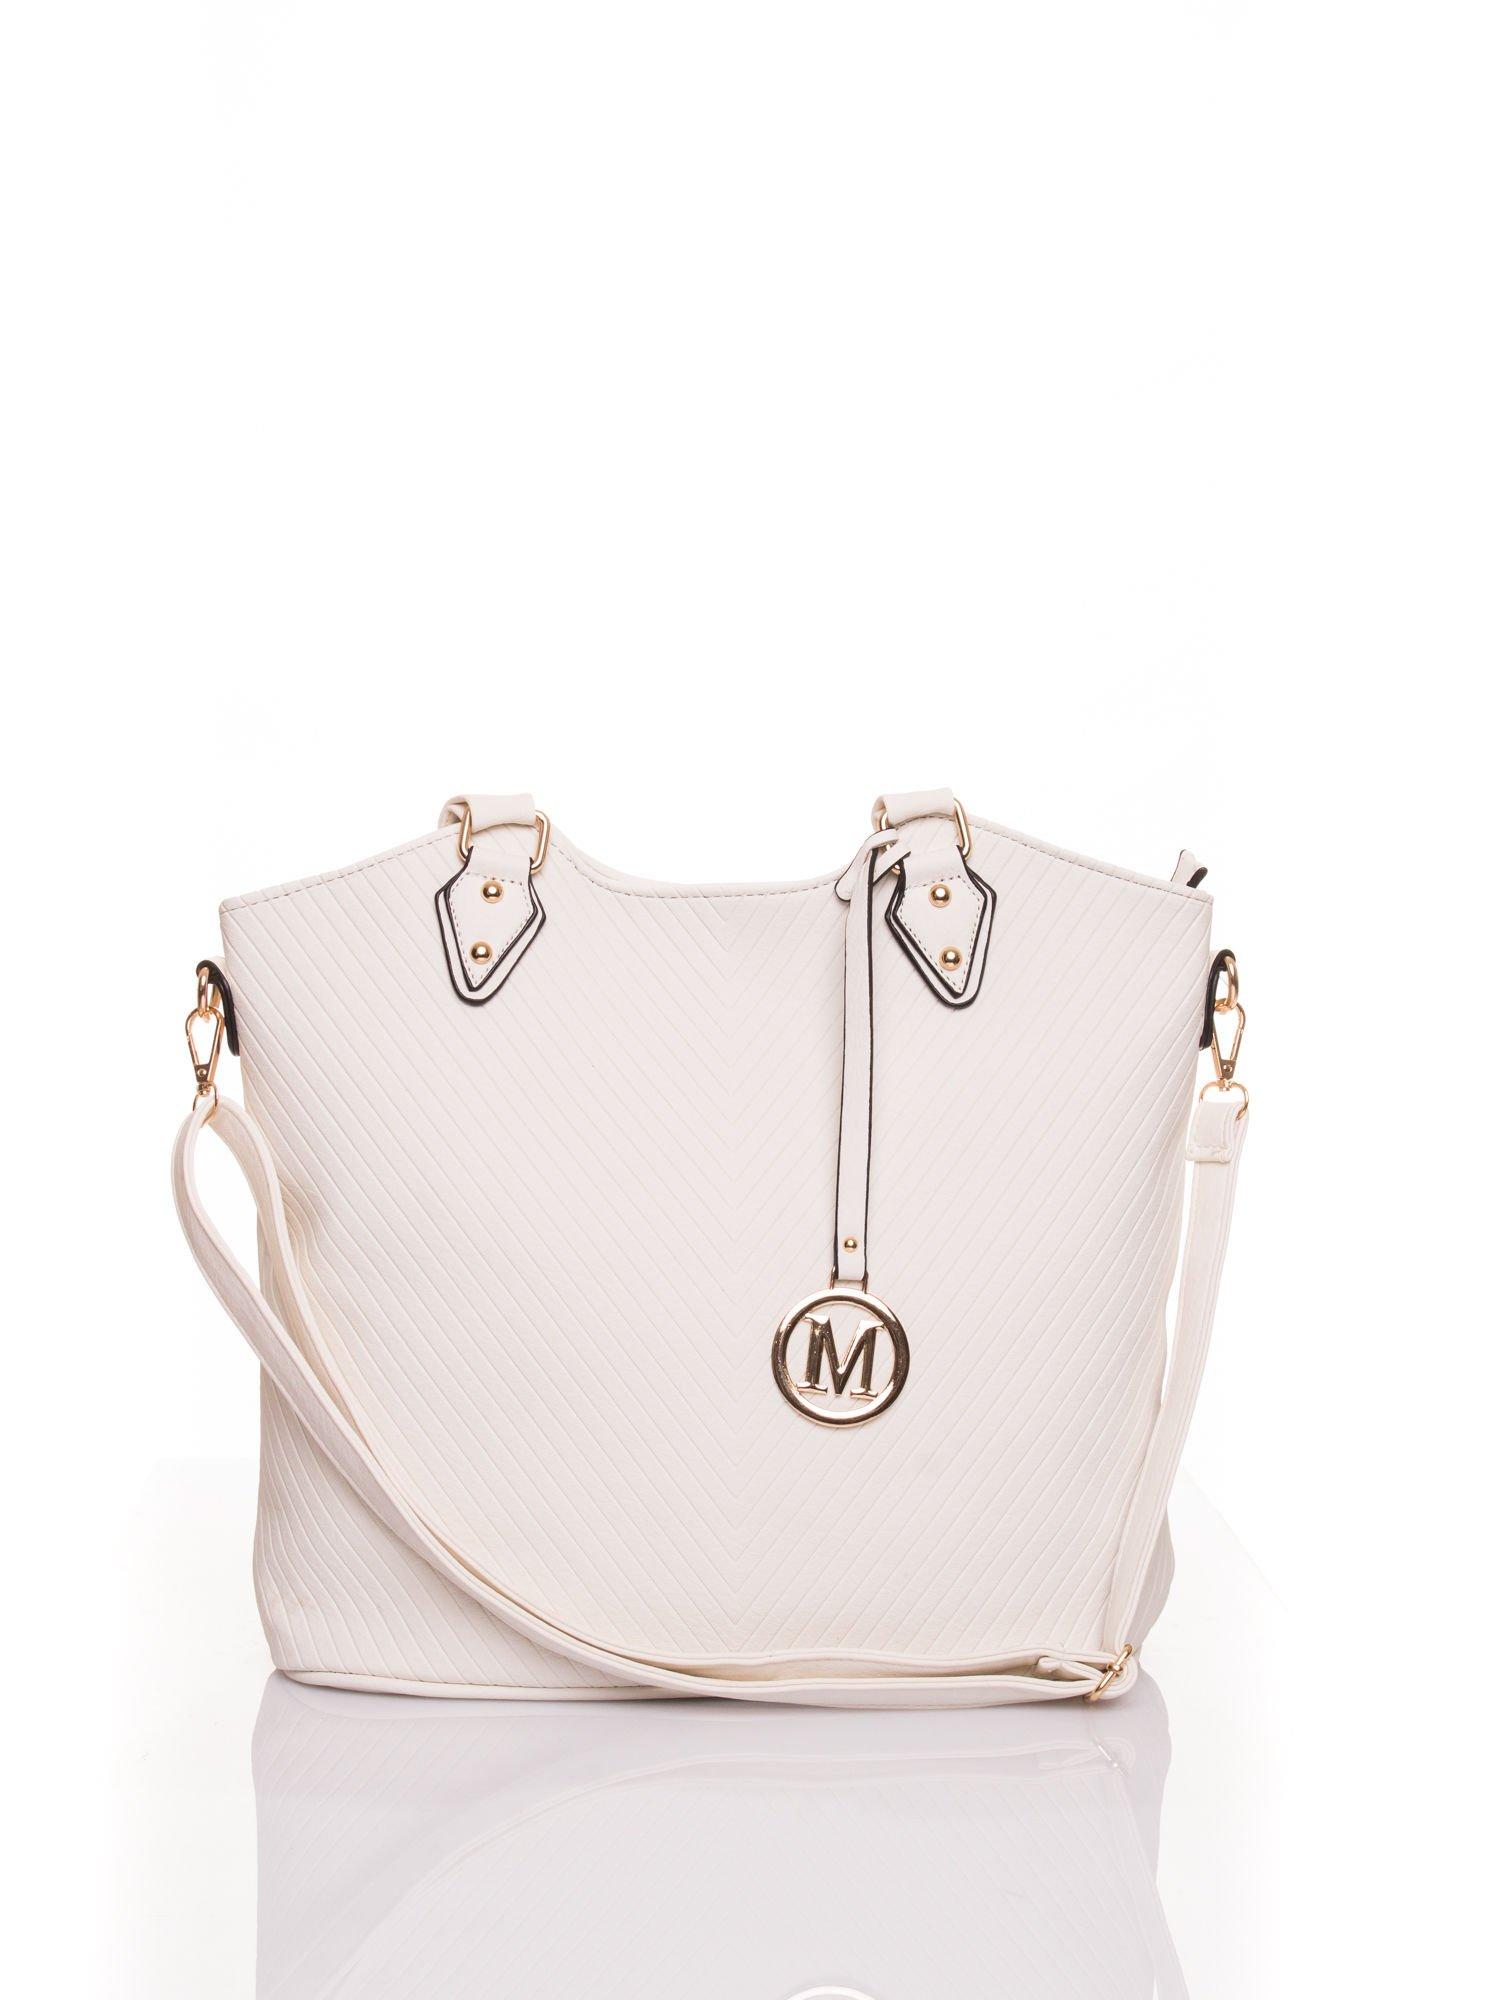 Biała torebka fakturowana w pasy                                   zdj.                                  1